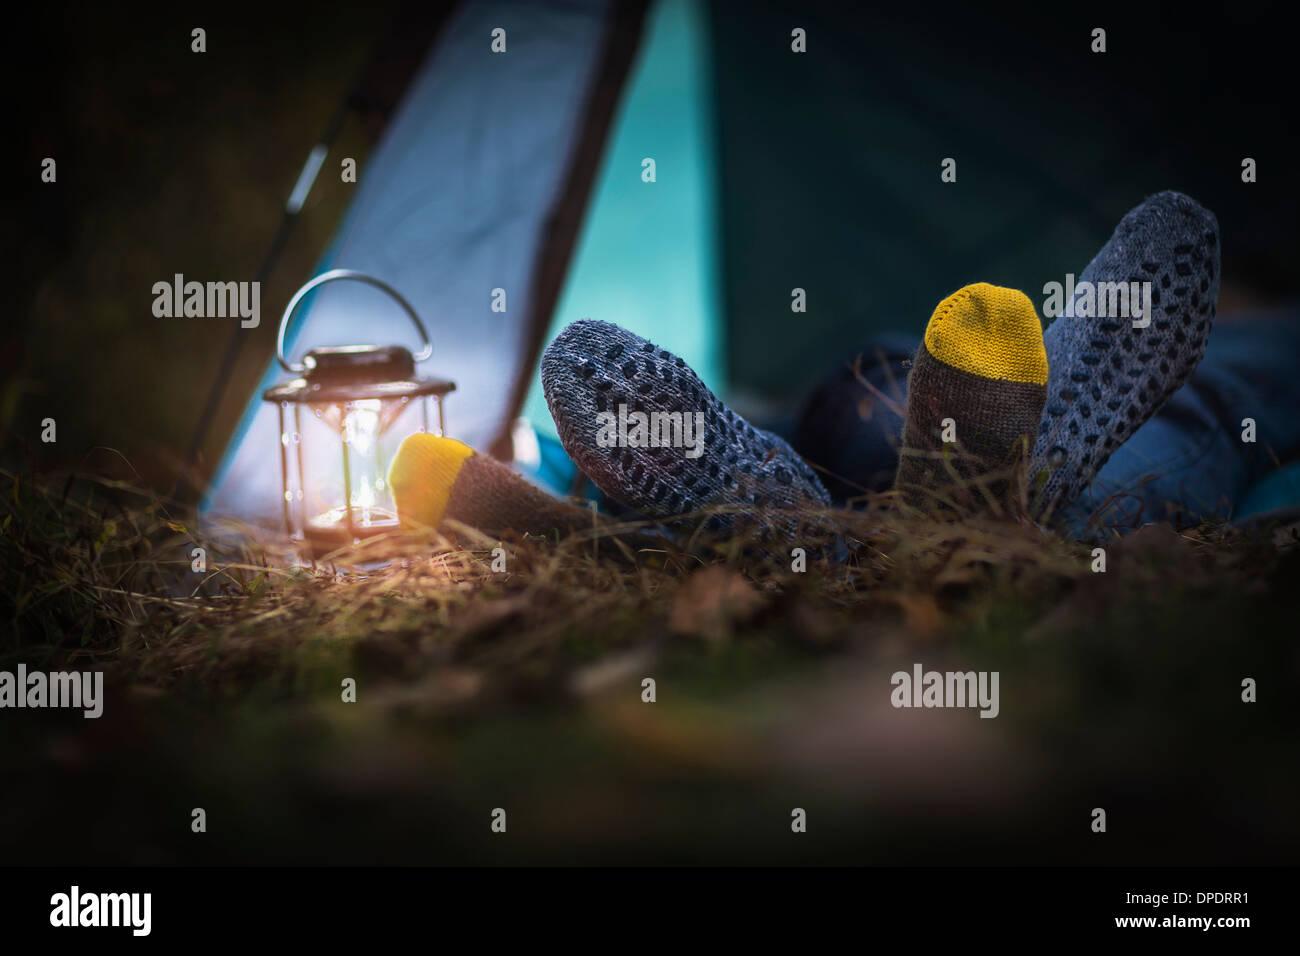 Coppia giacendo in tenda - piedi insieme Immagini Stock